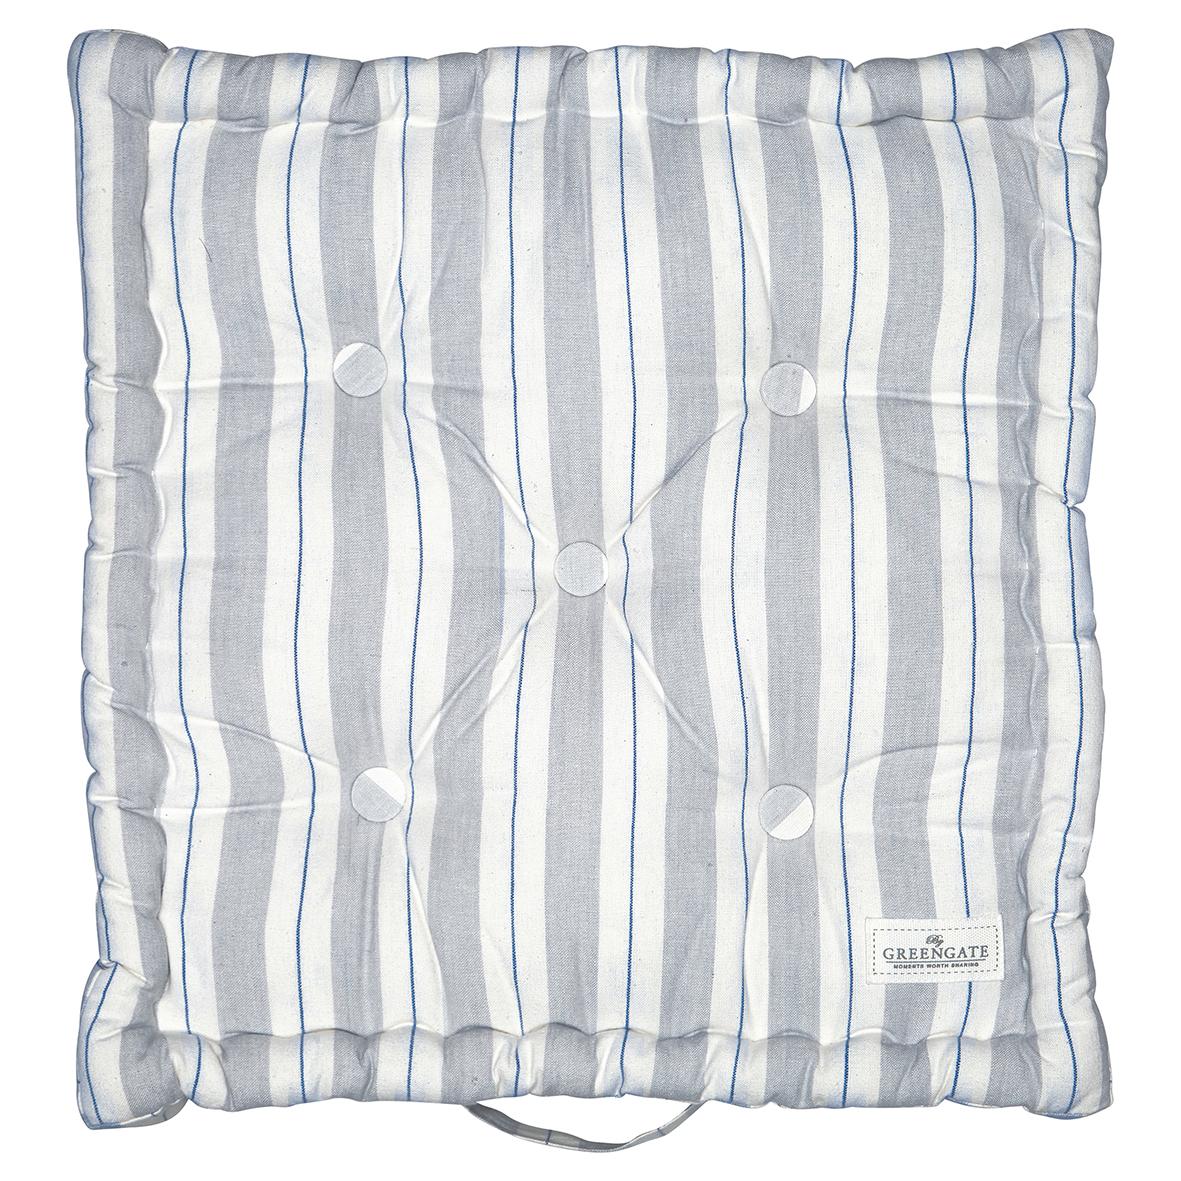 Greengate Sitzkissen Elinor pale grey 50 x 50 cm Matratzenkissen